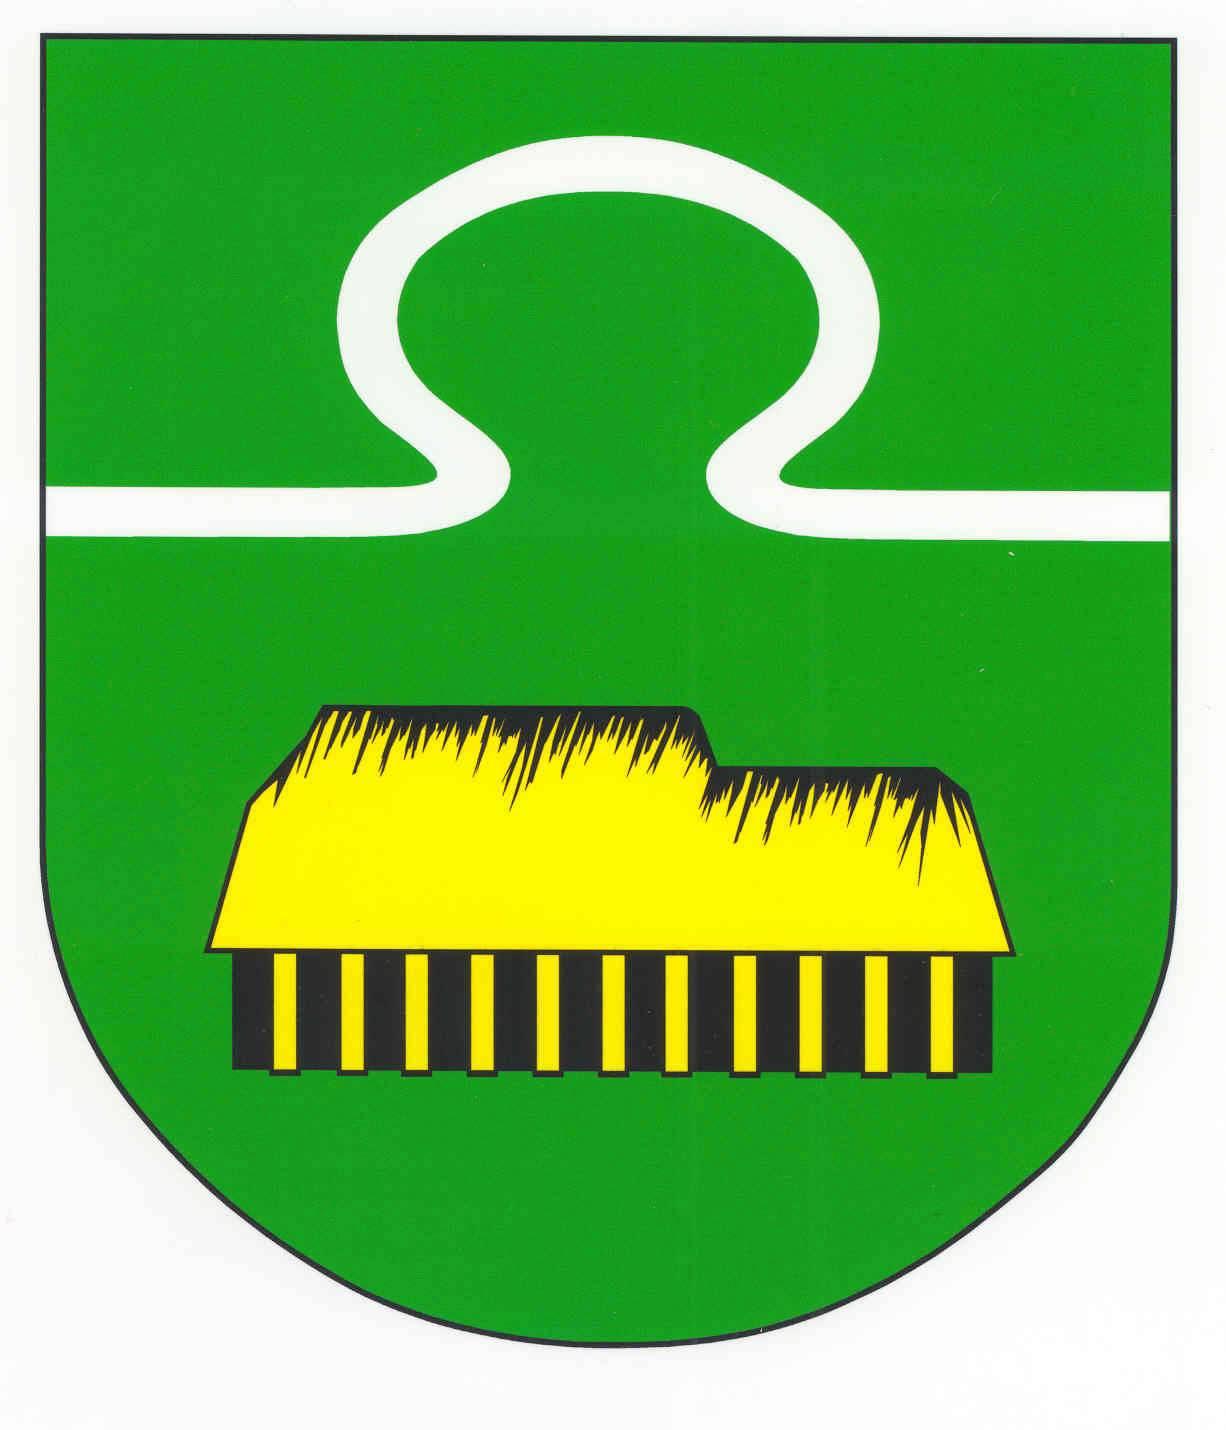 Wappen GemeindeHodorf, Kreis Steinburg